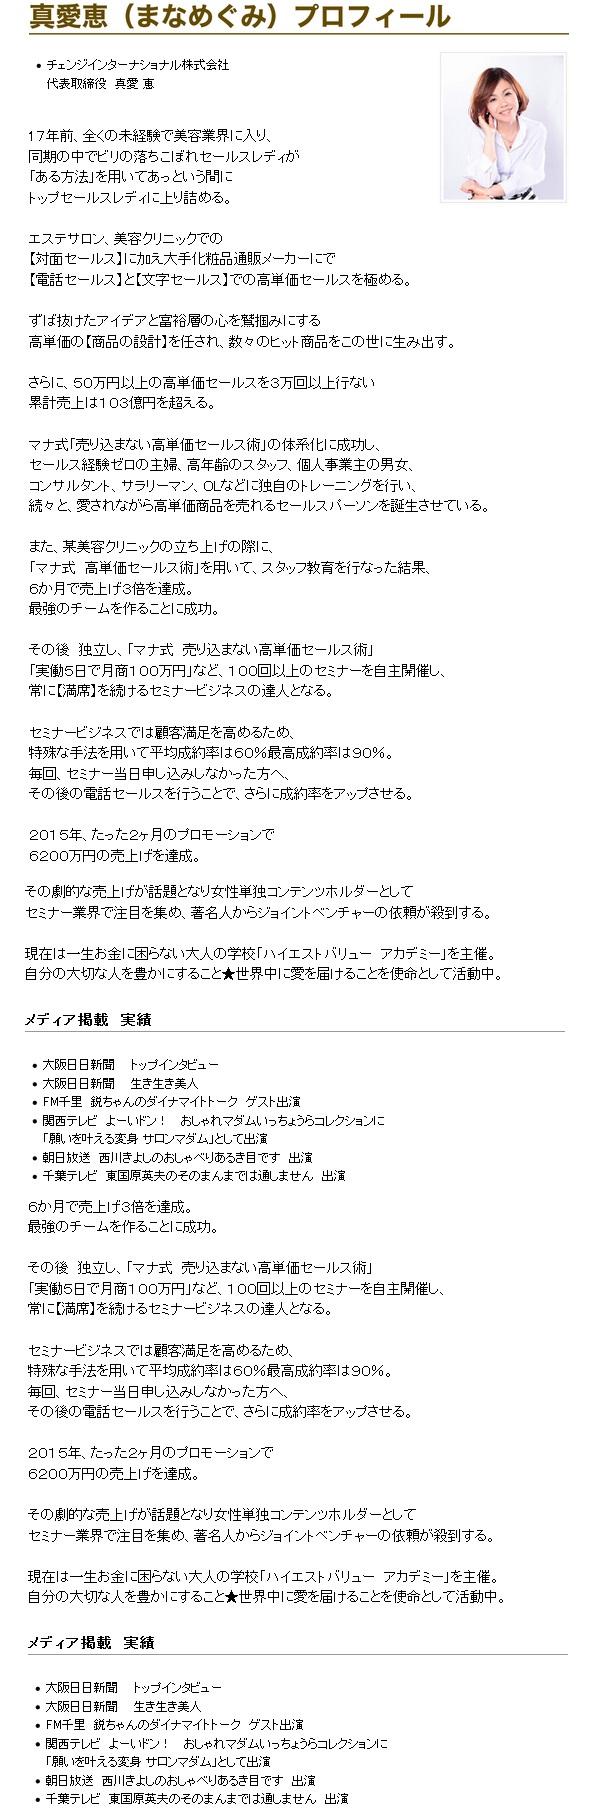 オトナの東京美ジネス大学 真愛恵